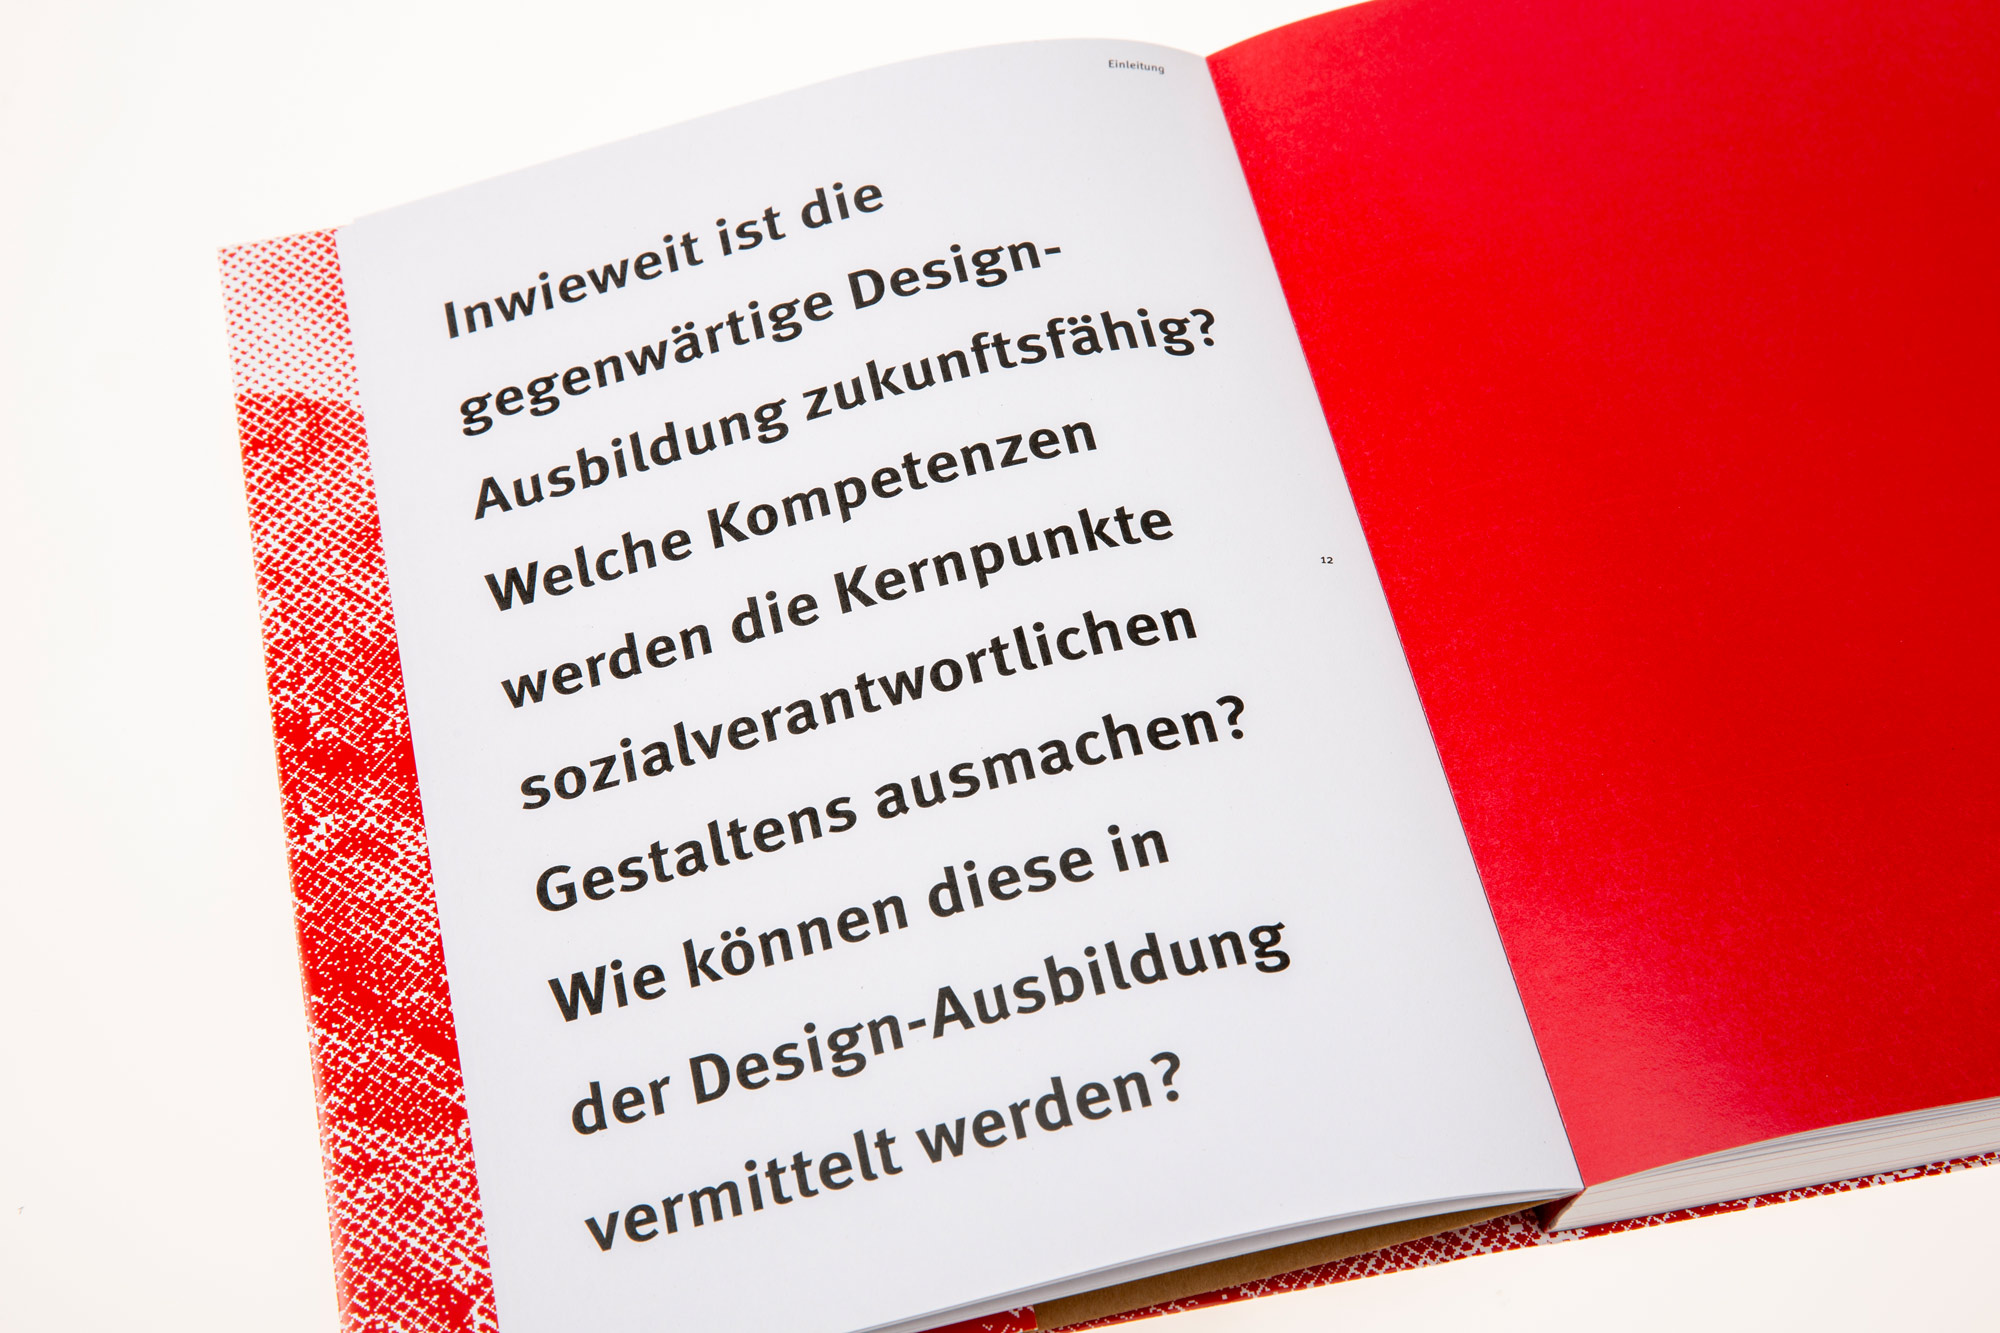 """""""Die Zukunft war früher auch besser"""" – Schlüssel-Kompetenzen für sozialverantwortliches Gestalten und deren Vermittlung in der Design-Ausbildung"""